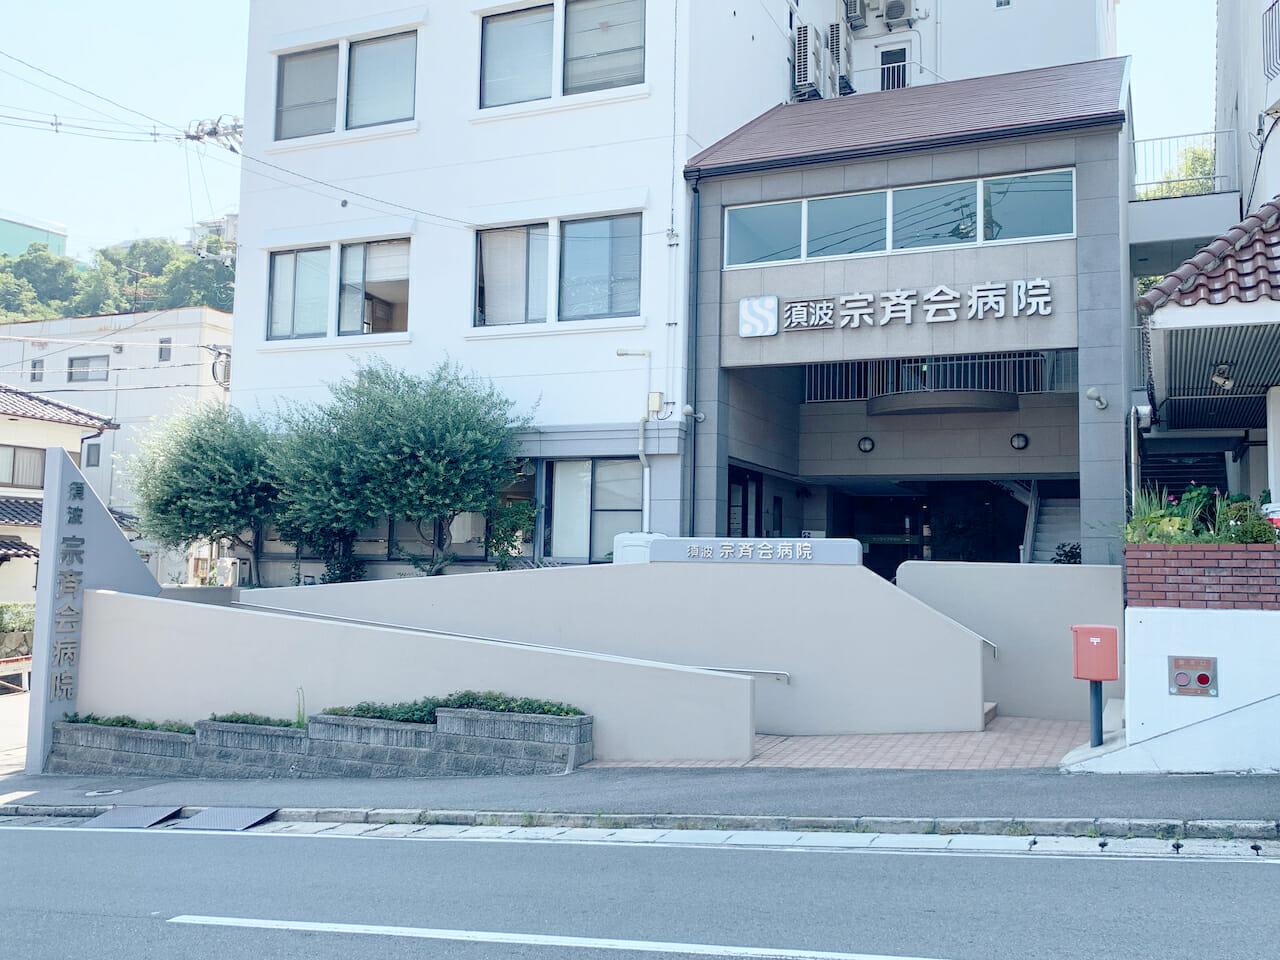 医療法人宗斉会 須波宗斉会病院のクリニック写真